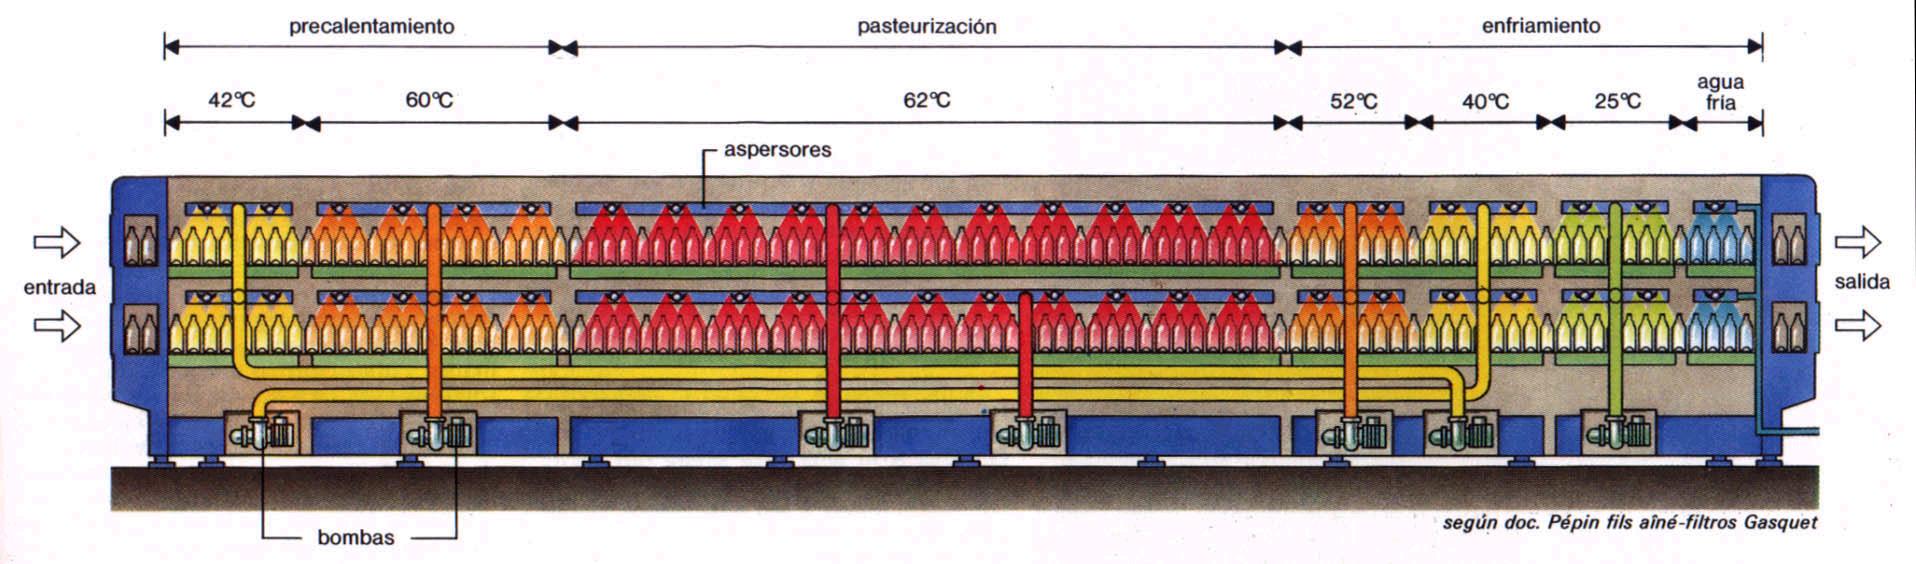 Leche pasteurizada: Pasteurización